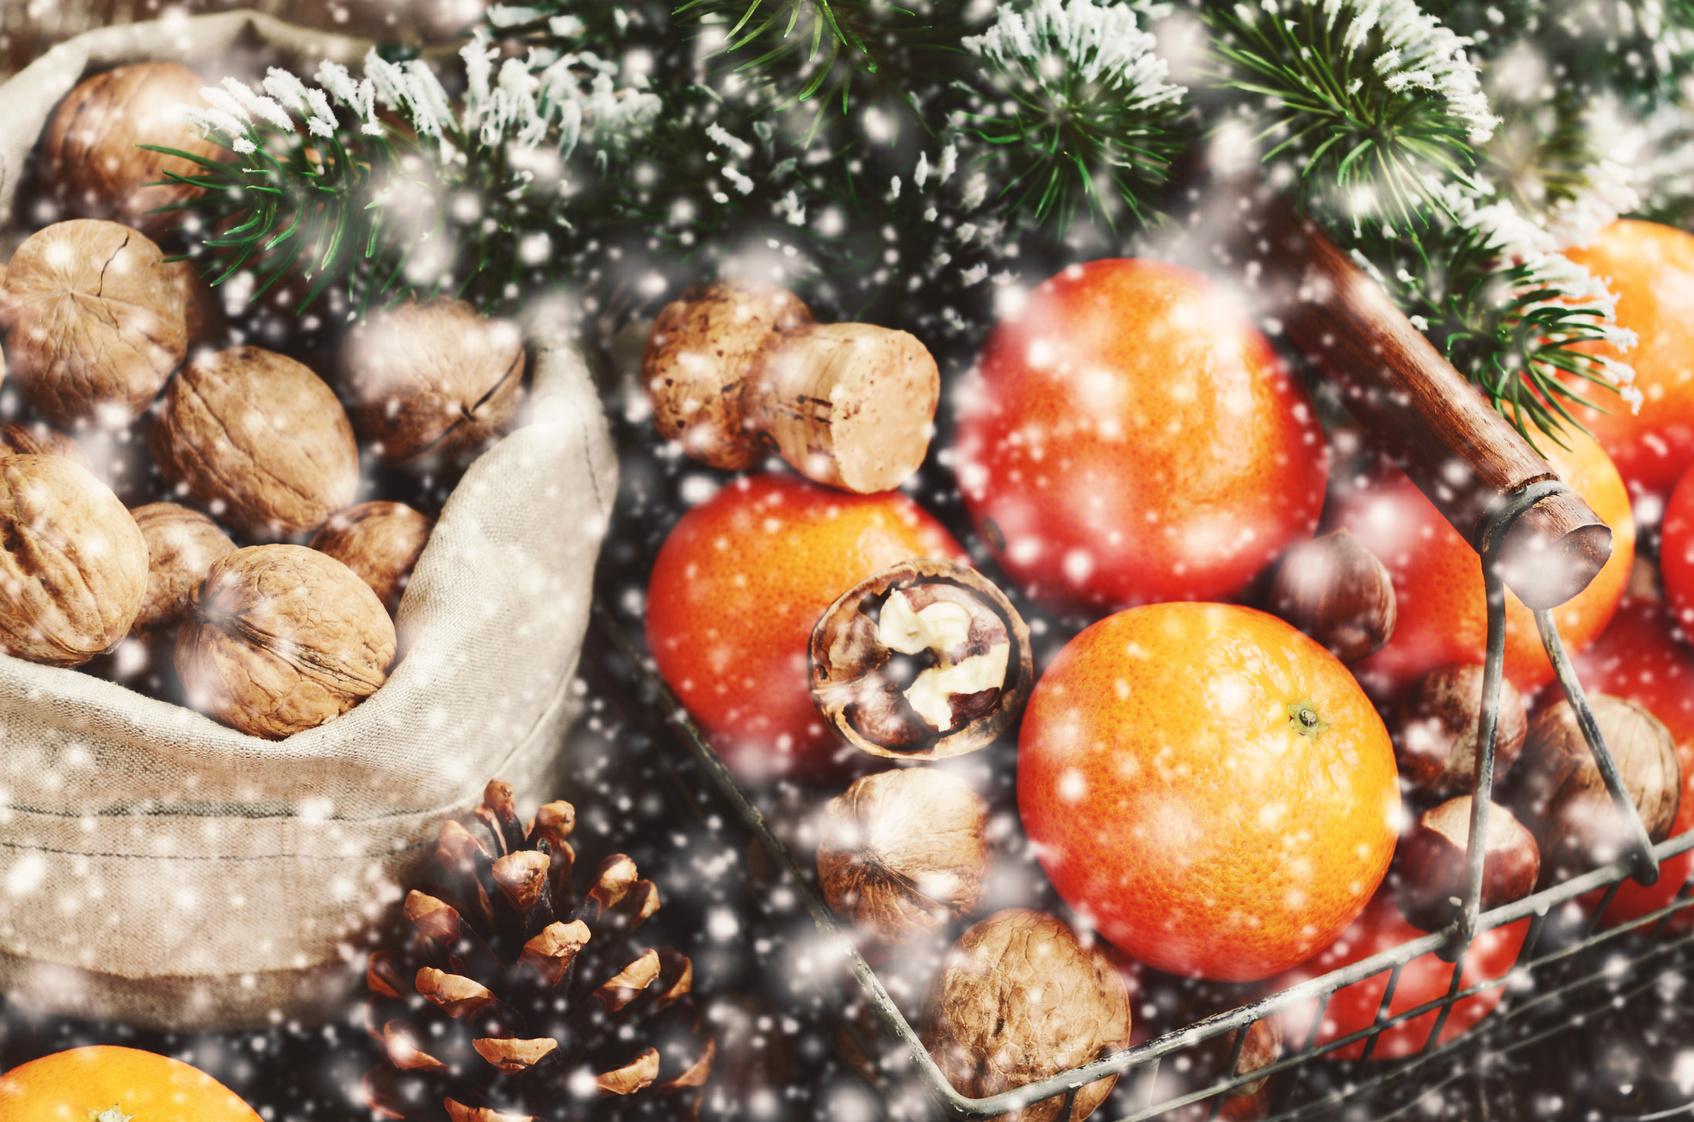 Sotto l albero cesti di natale con frutta verdura e conserve - Contorno di immagini di frutta ...